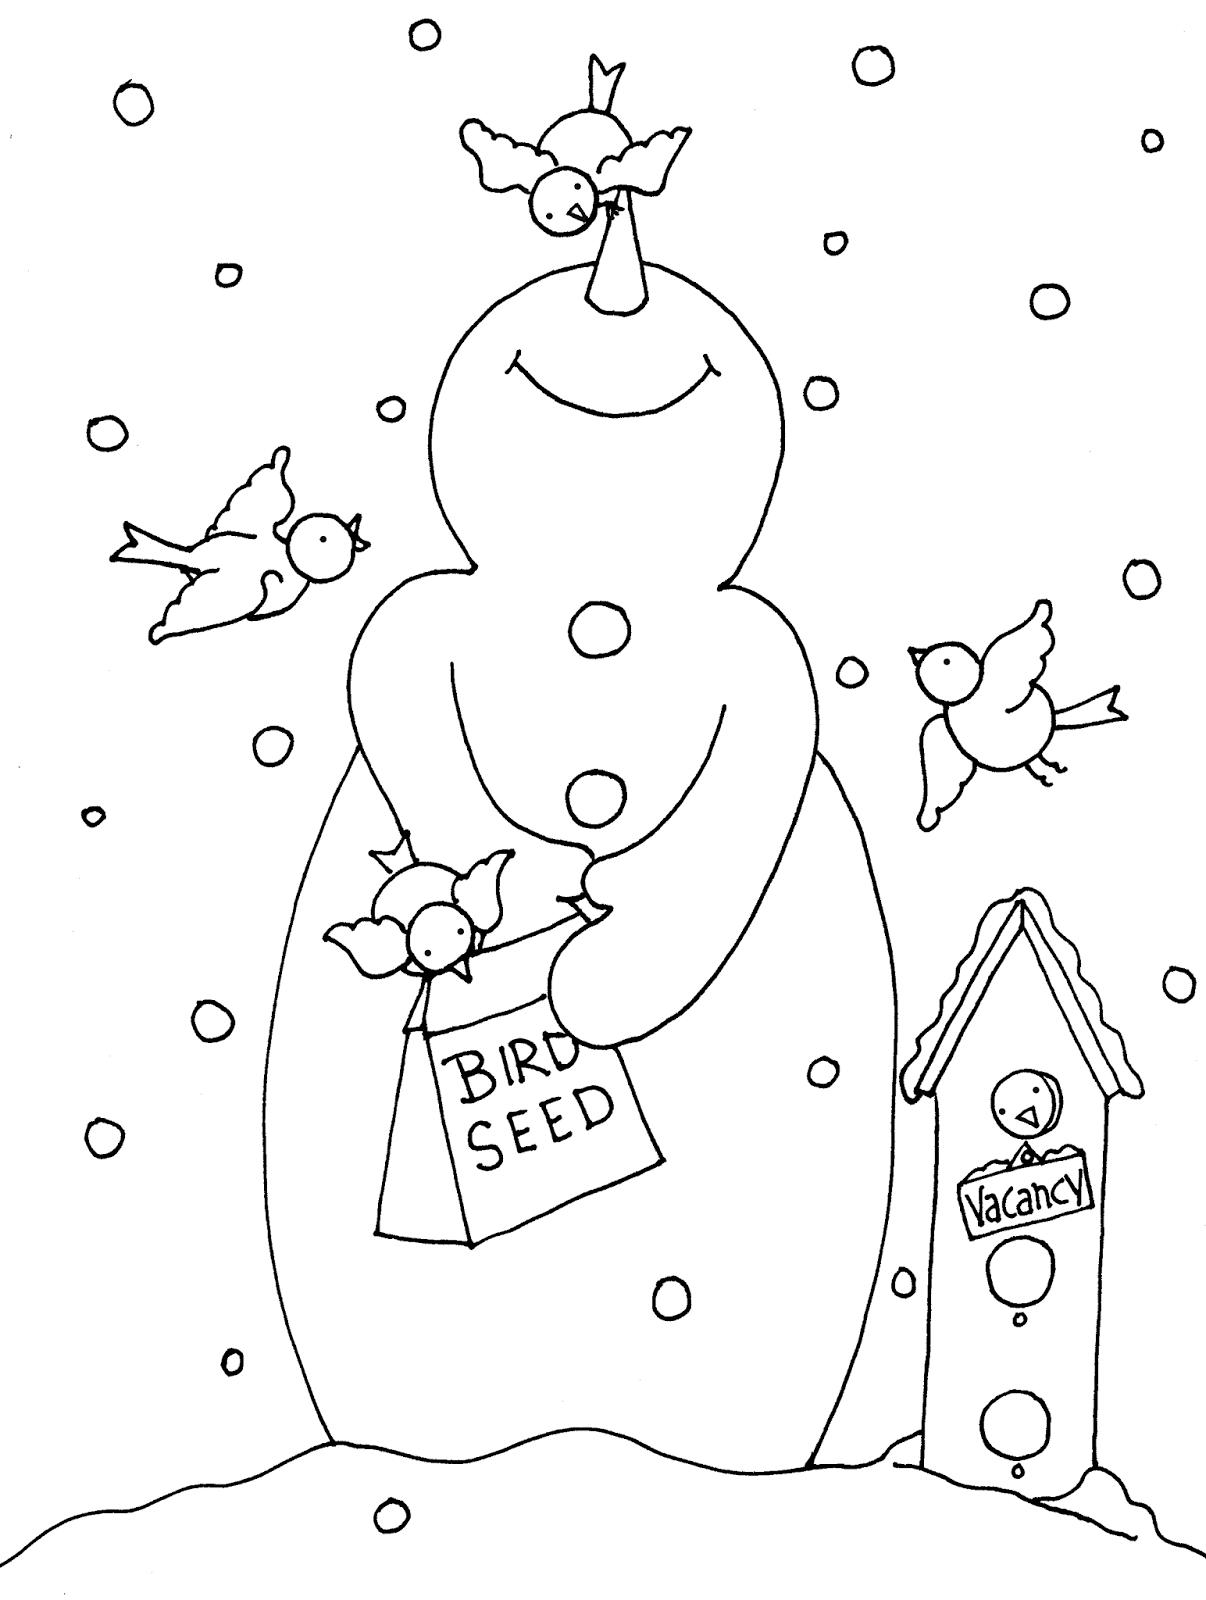 Free Dearie Dolls Digi Stamps Snowman Bird Feeder